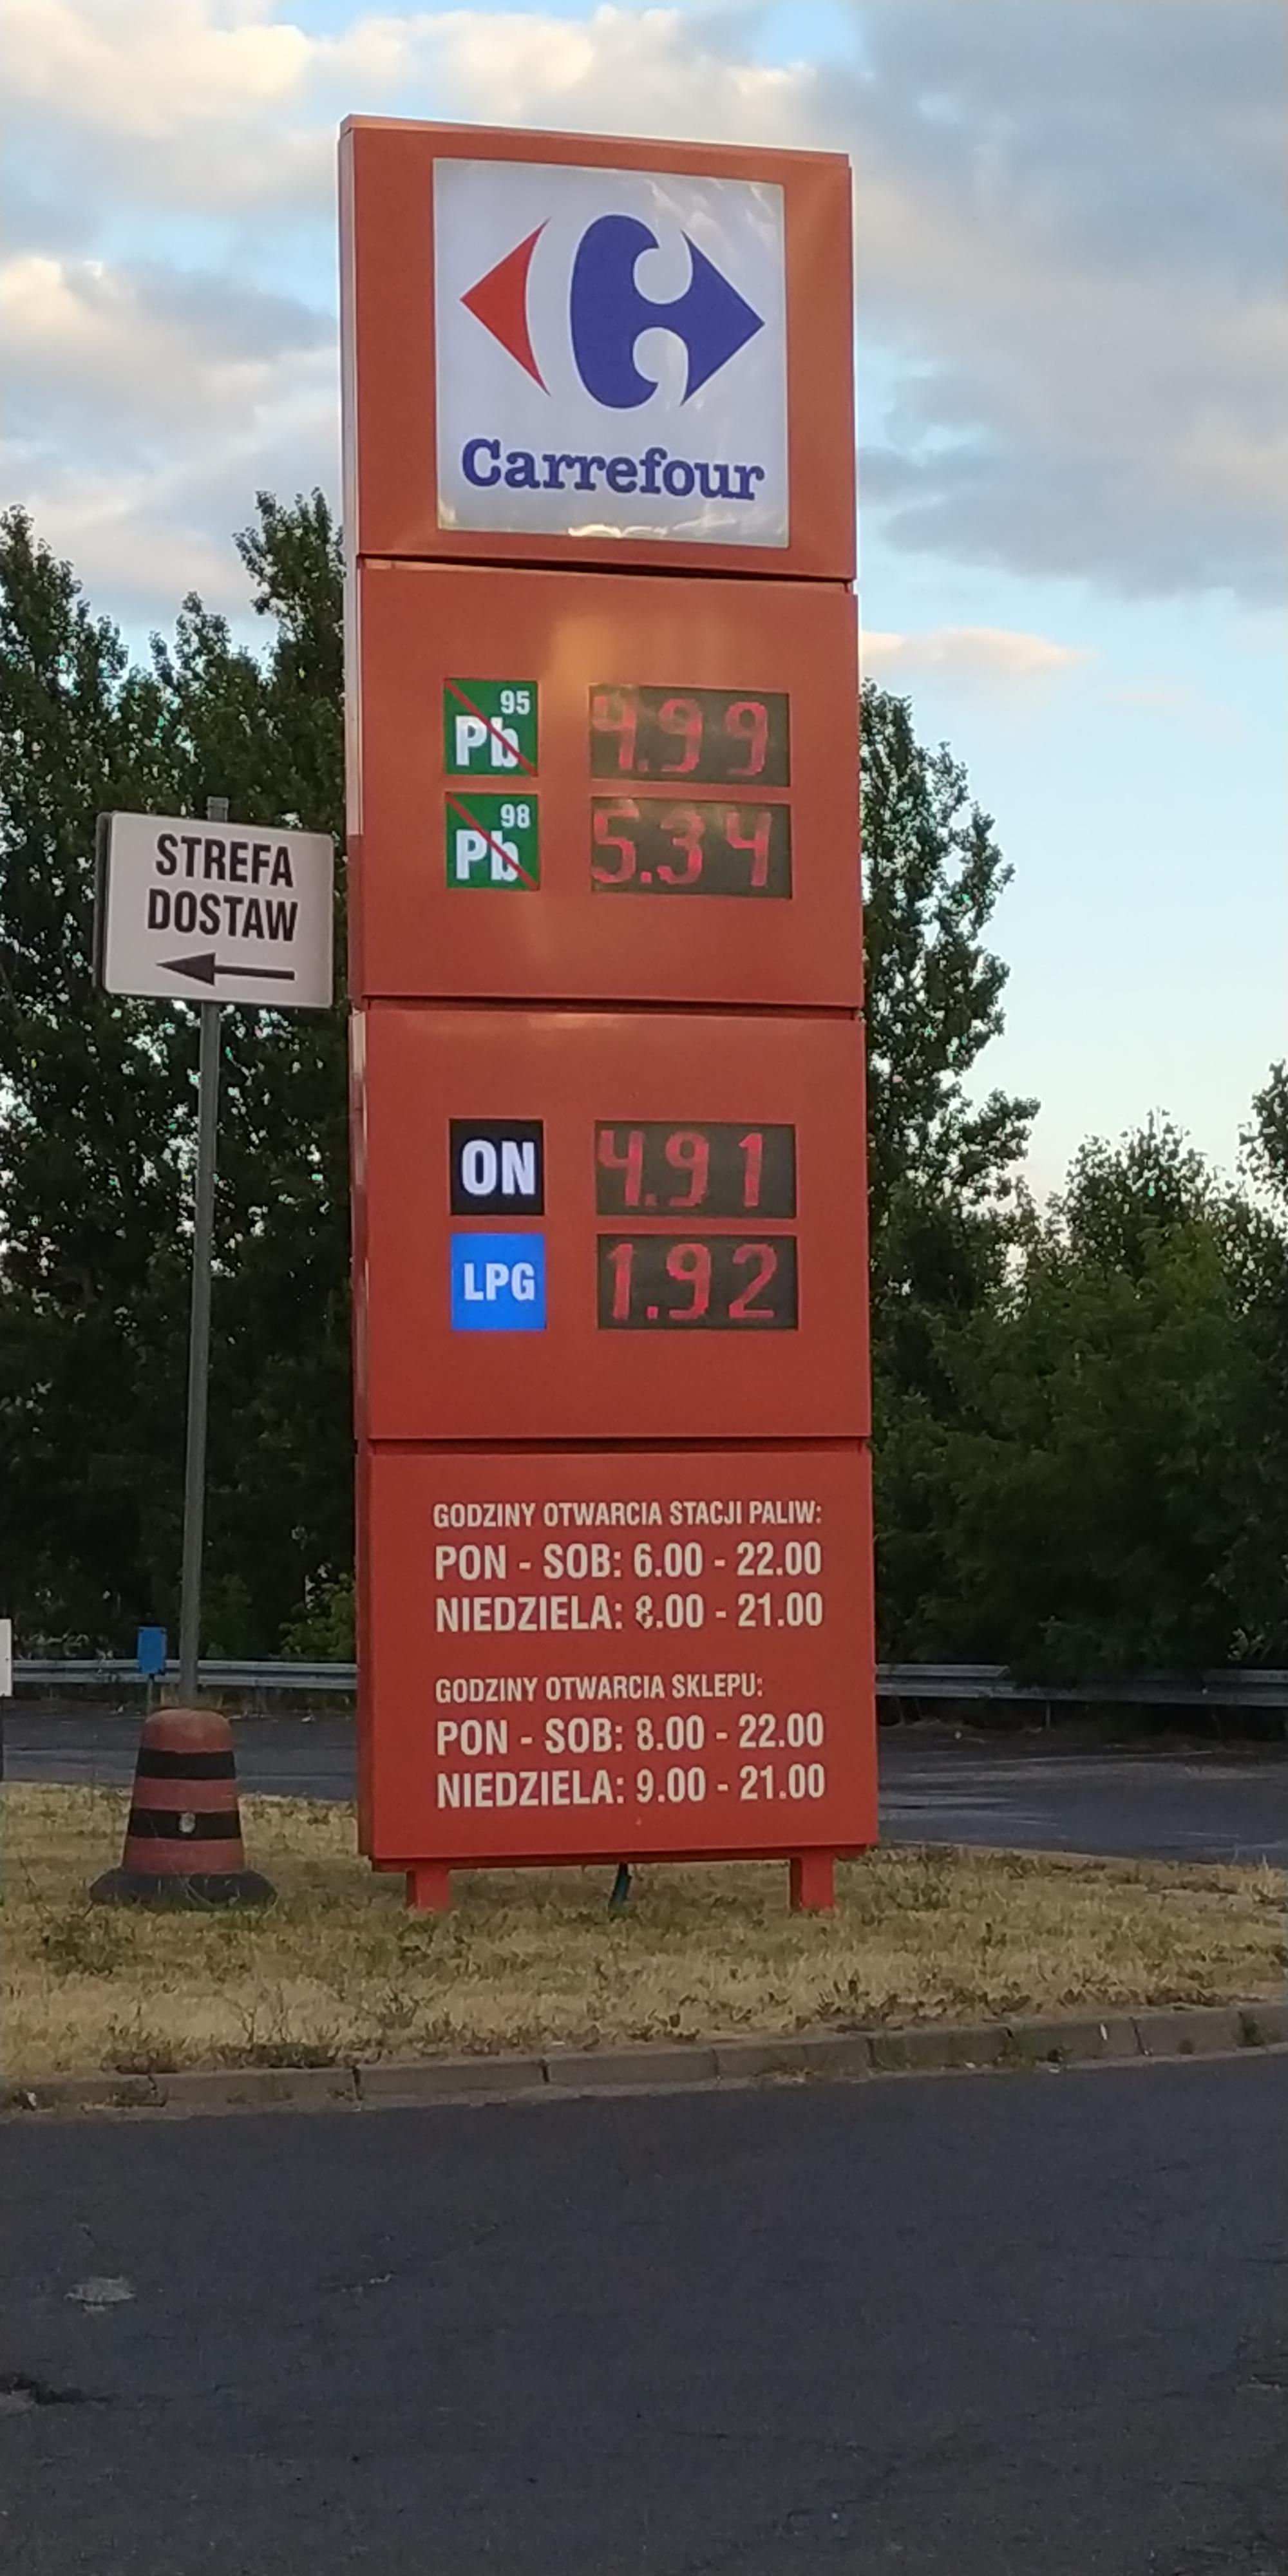 LPG 1.92, benzyna 4.99, Diesel 4.91 Carrefour ŁÓDŹ Przybyszewskiego